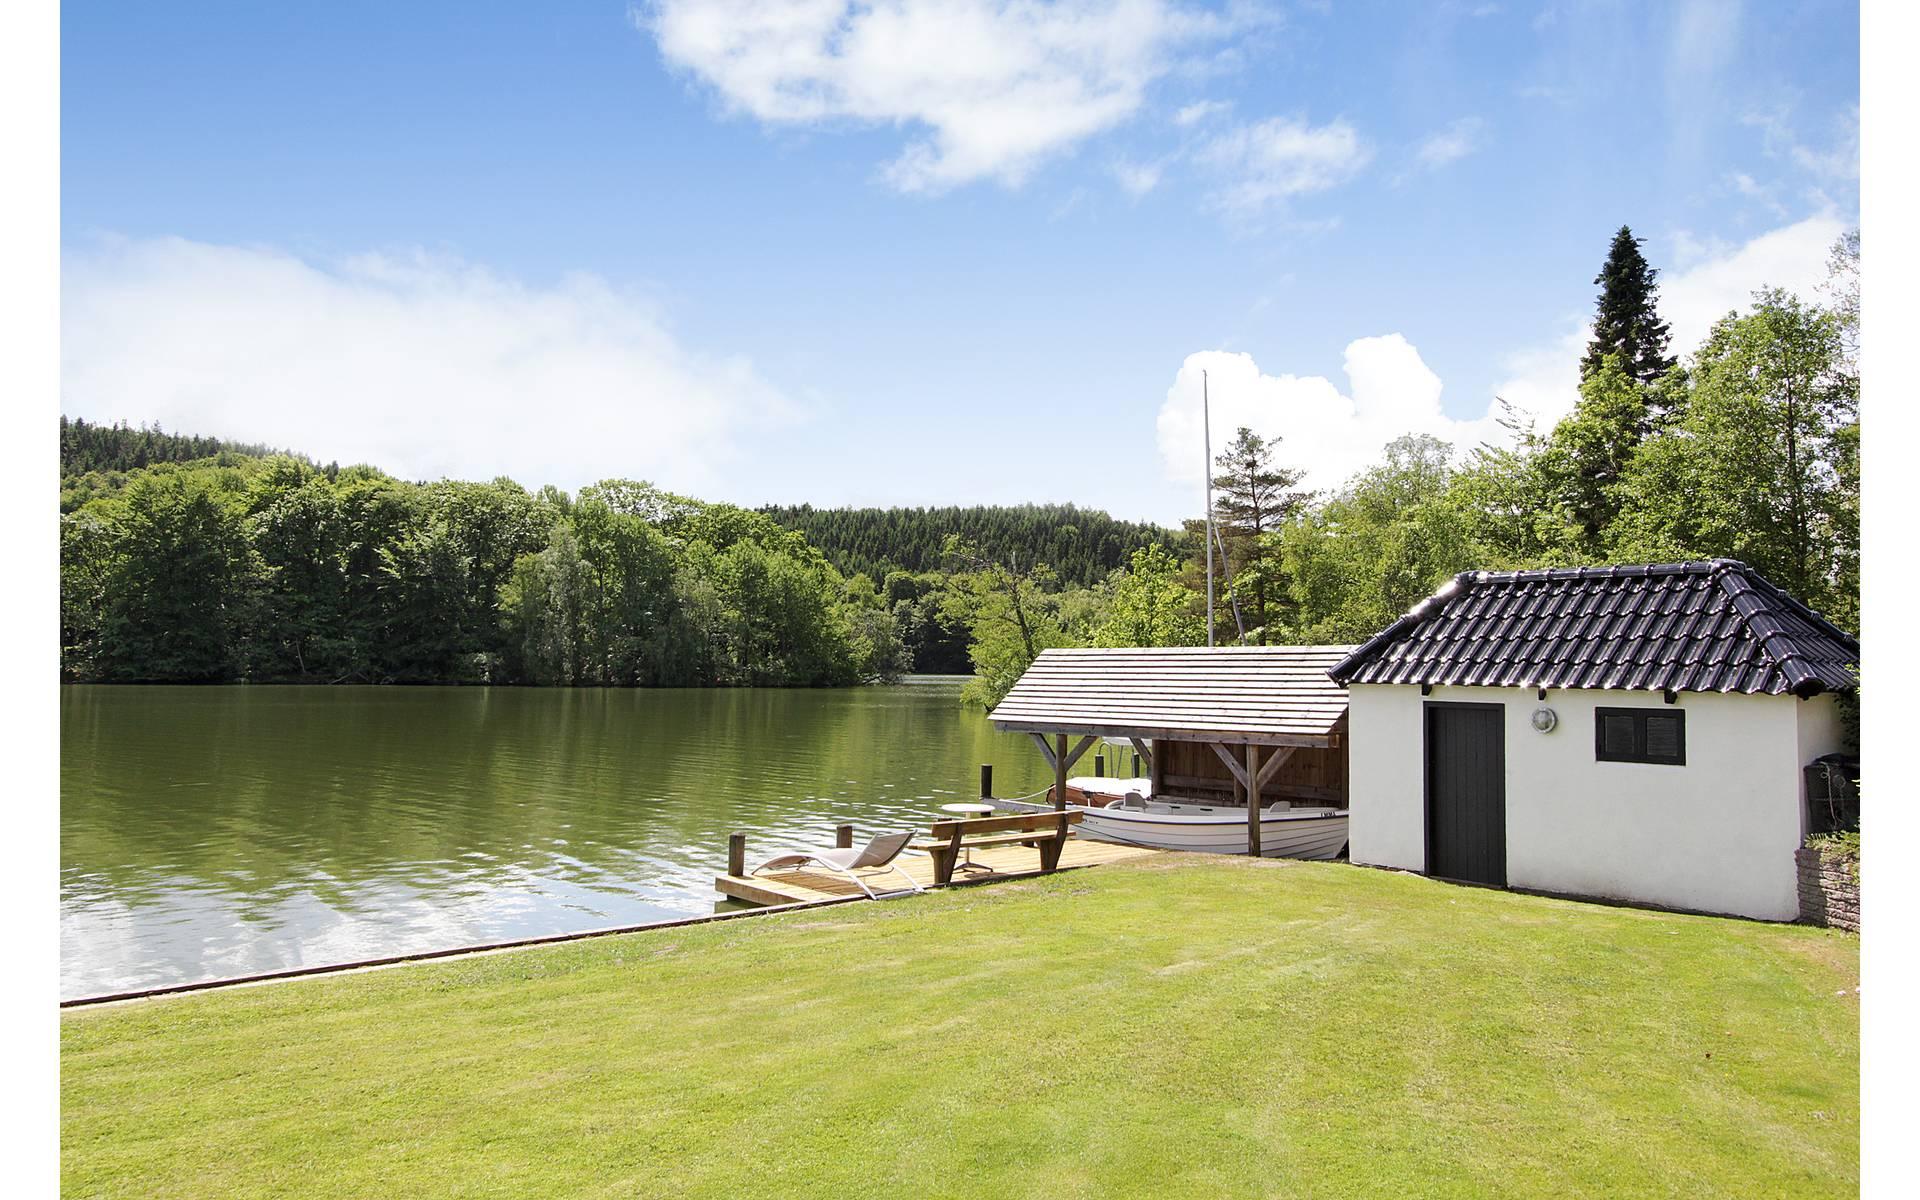 Una hermosa casa con vista al lago la casa de freja for Comprare casa al lago